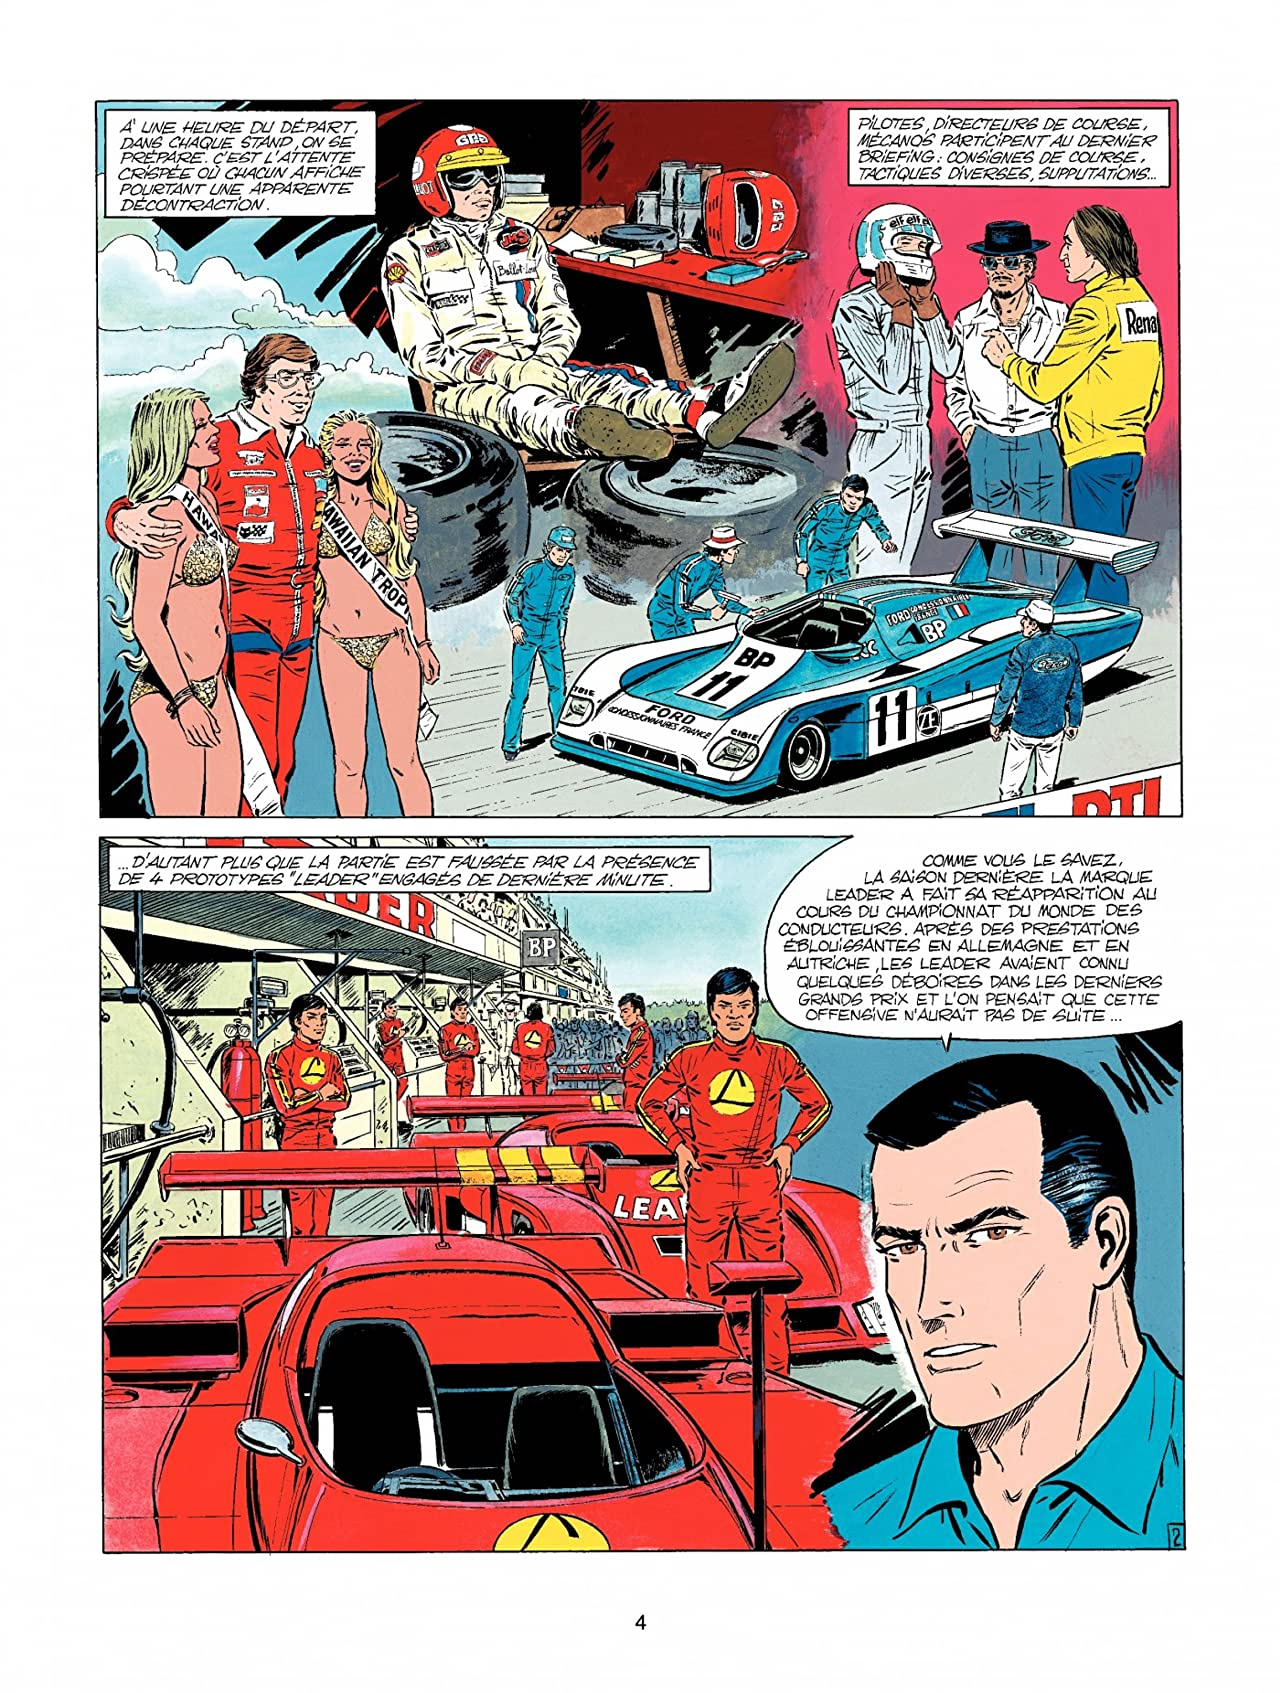 Michel Vaillant Vol. 36: Un pilote a disparu